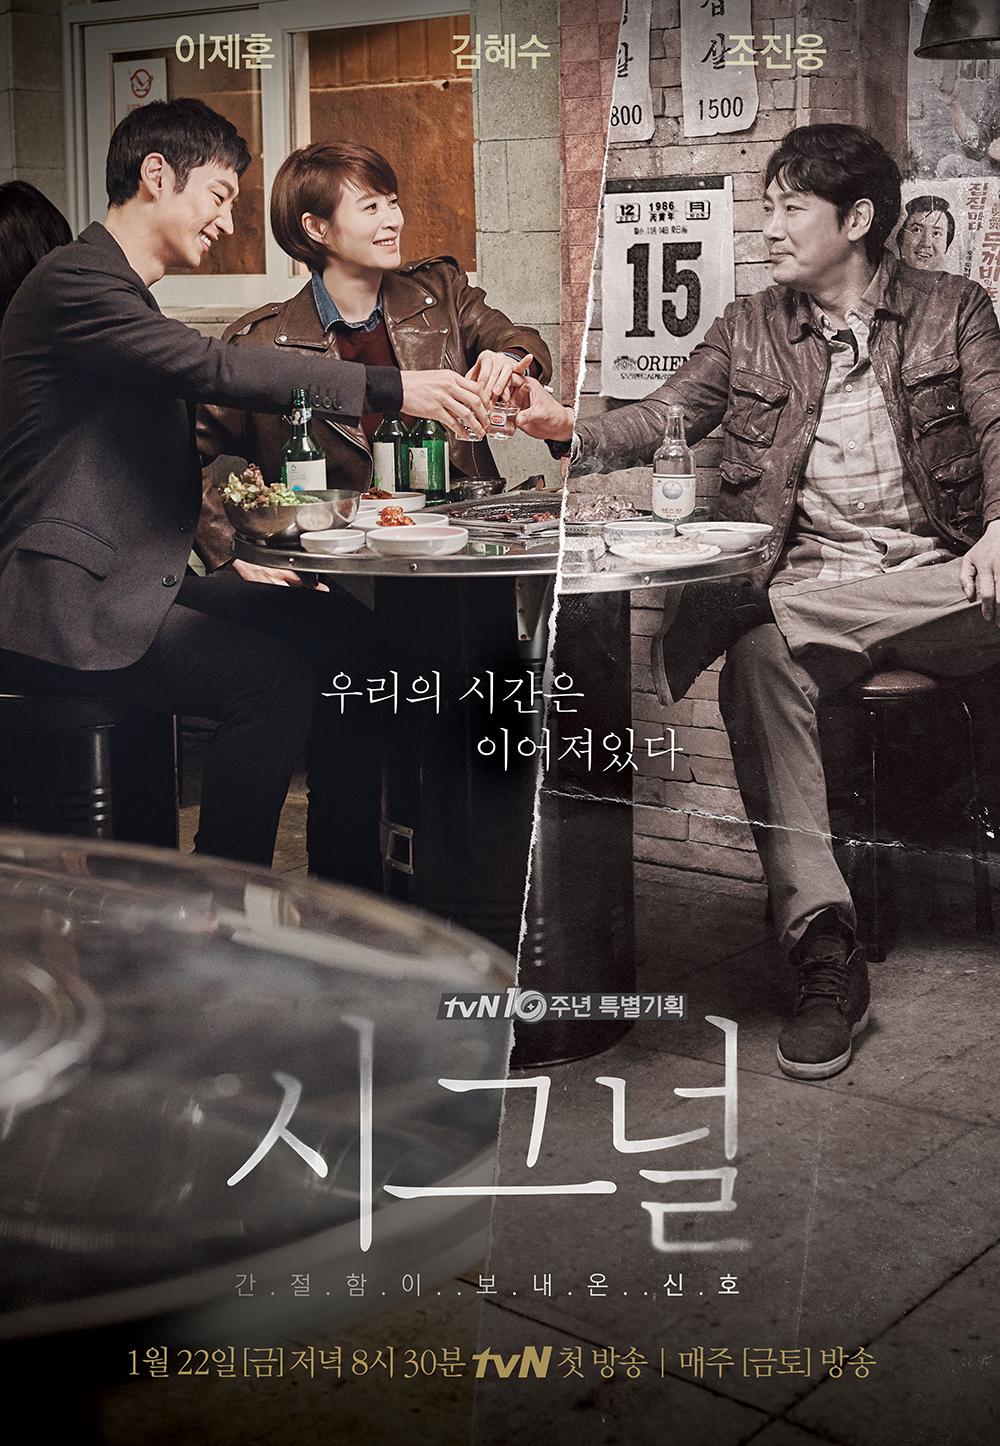 9 phim hình sự, trinh thám xứ Hàn mà bạn không thể bỏ qua -